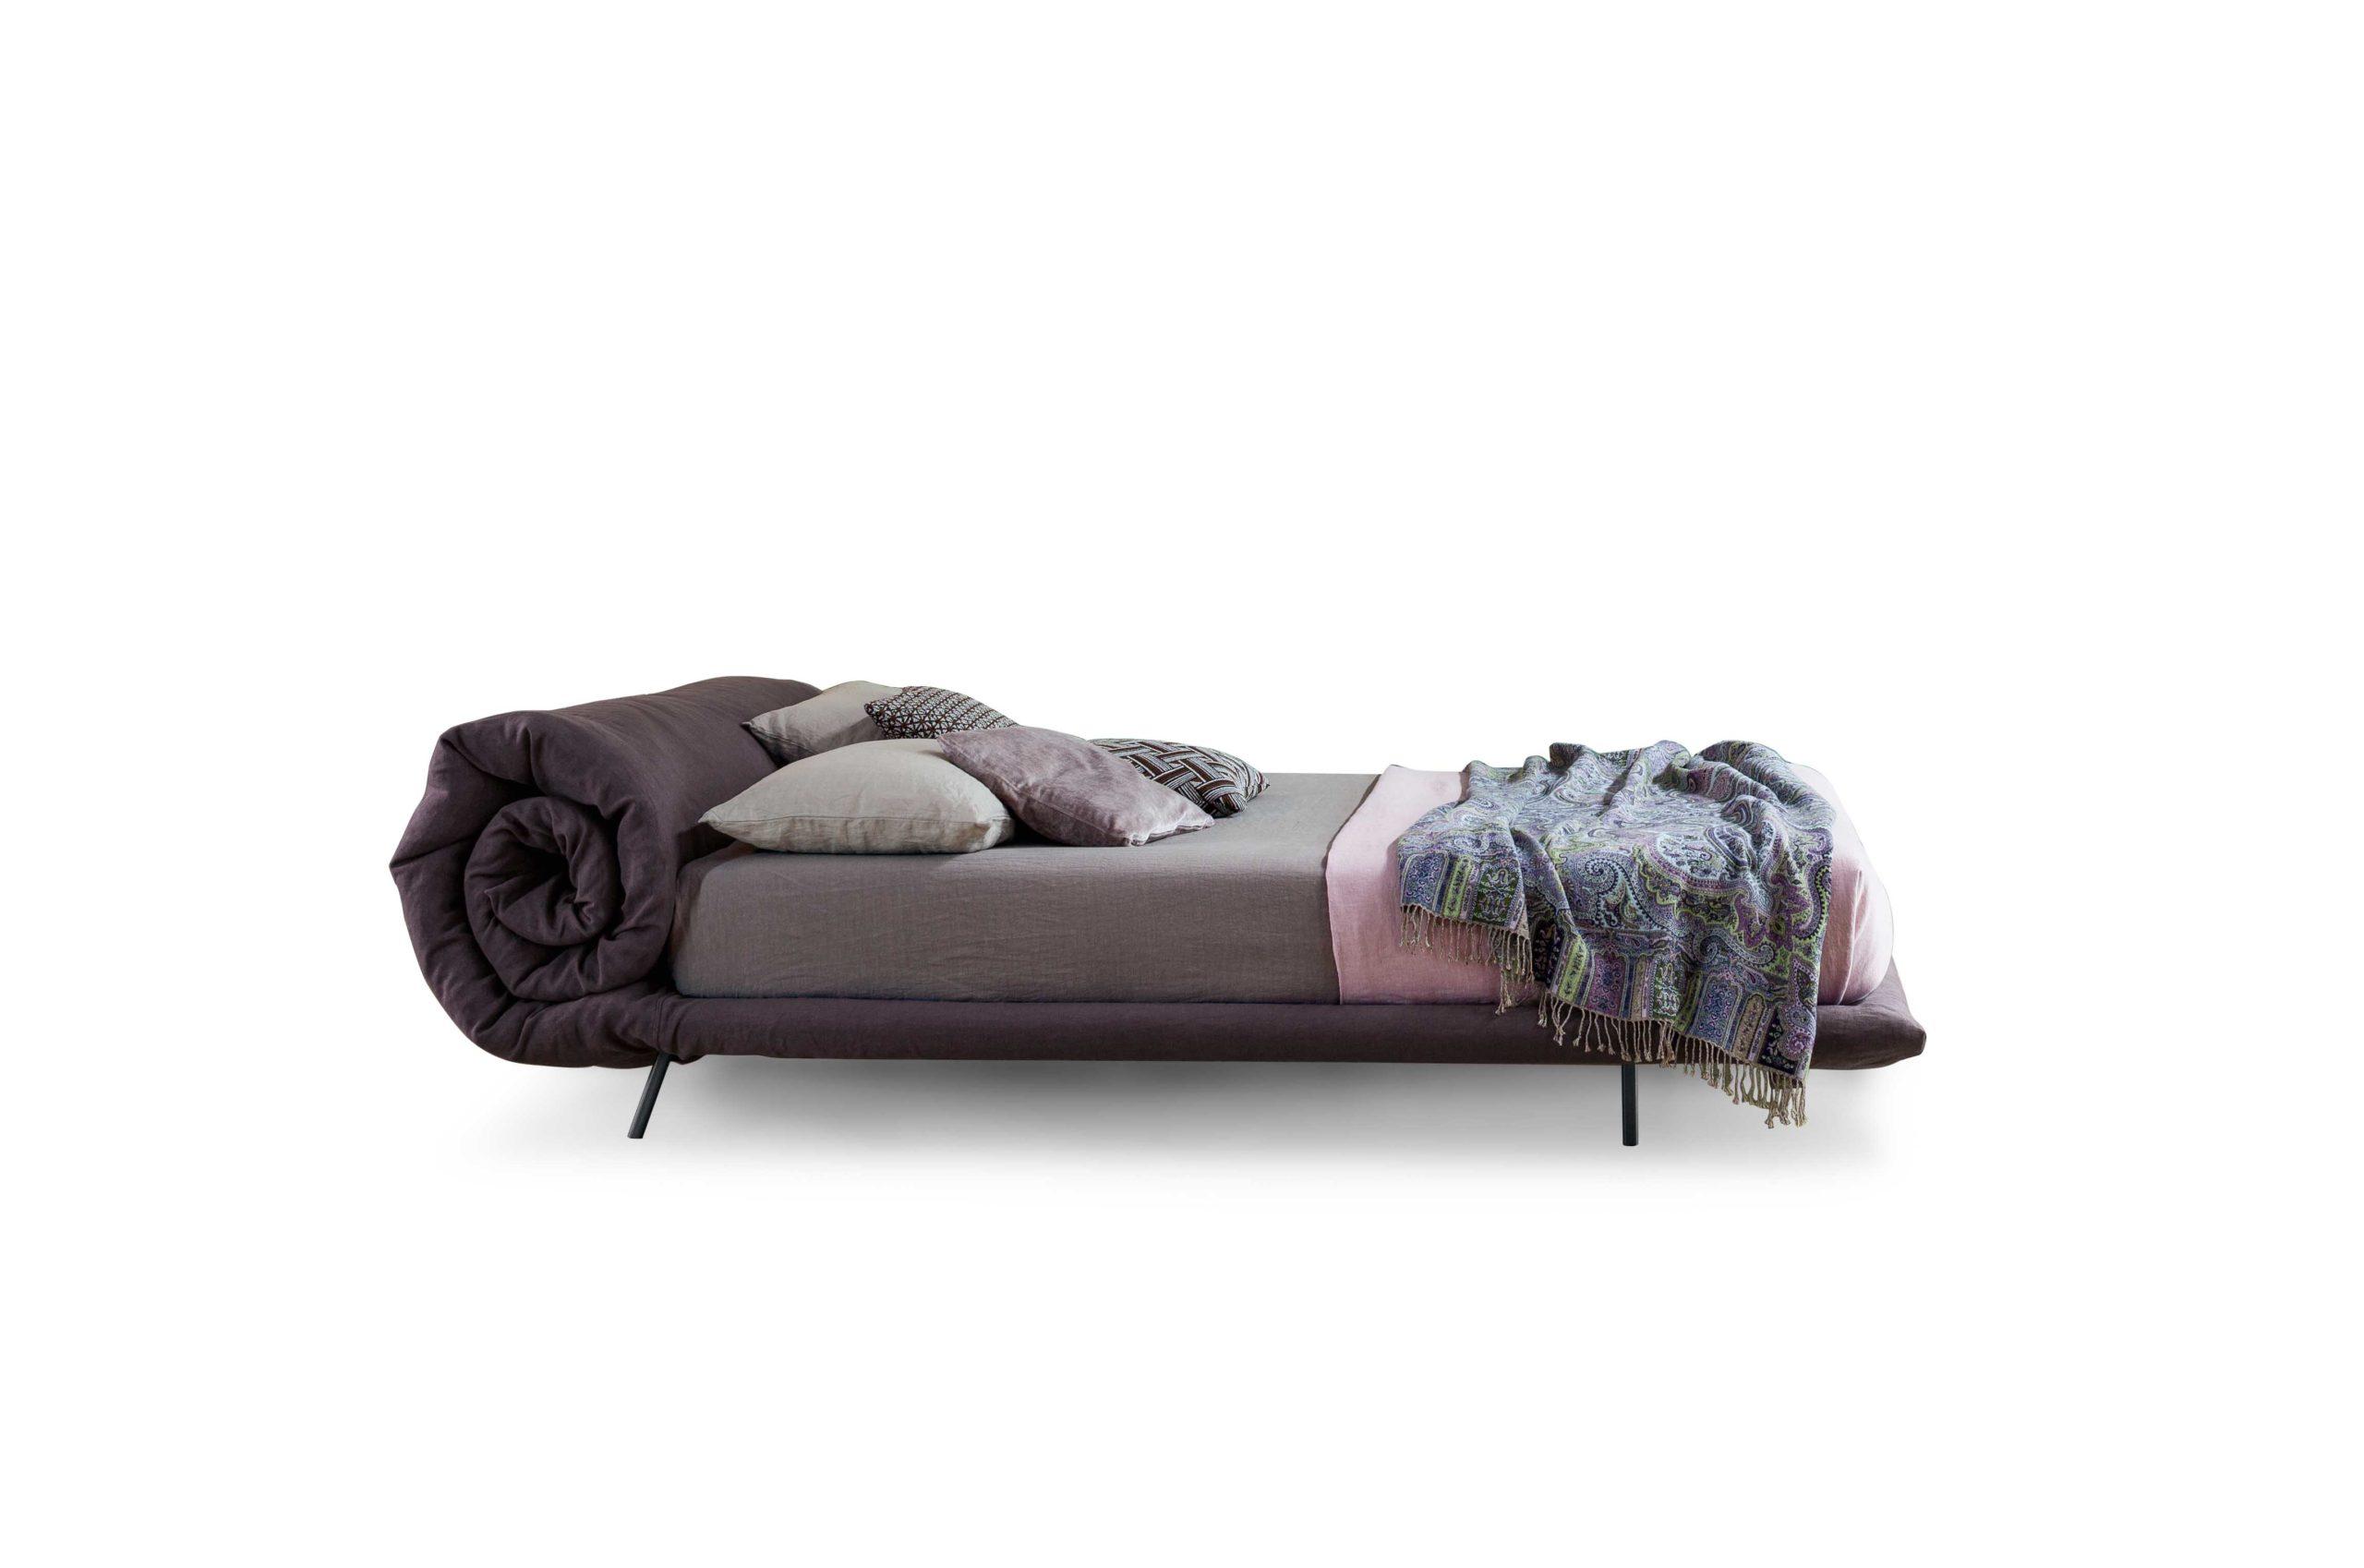 blanket-lrC8383692-1738-4EDD-12AF-6BA164C9CDA9